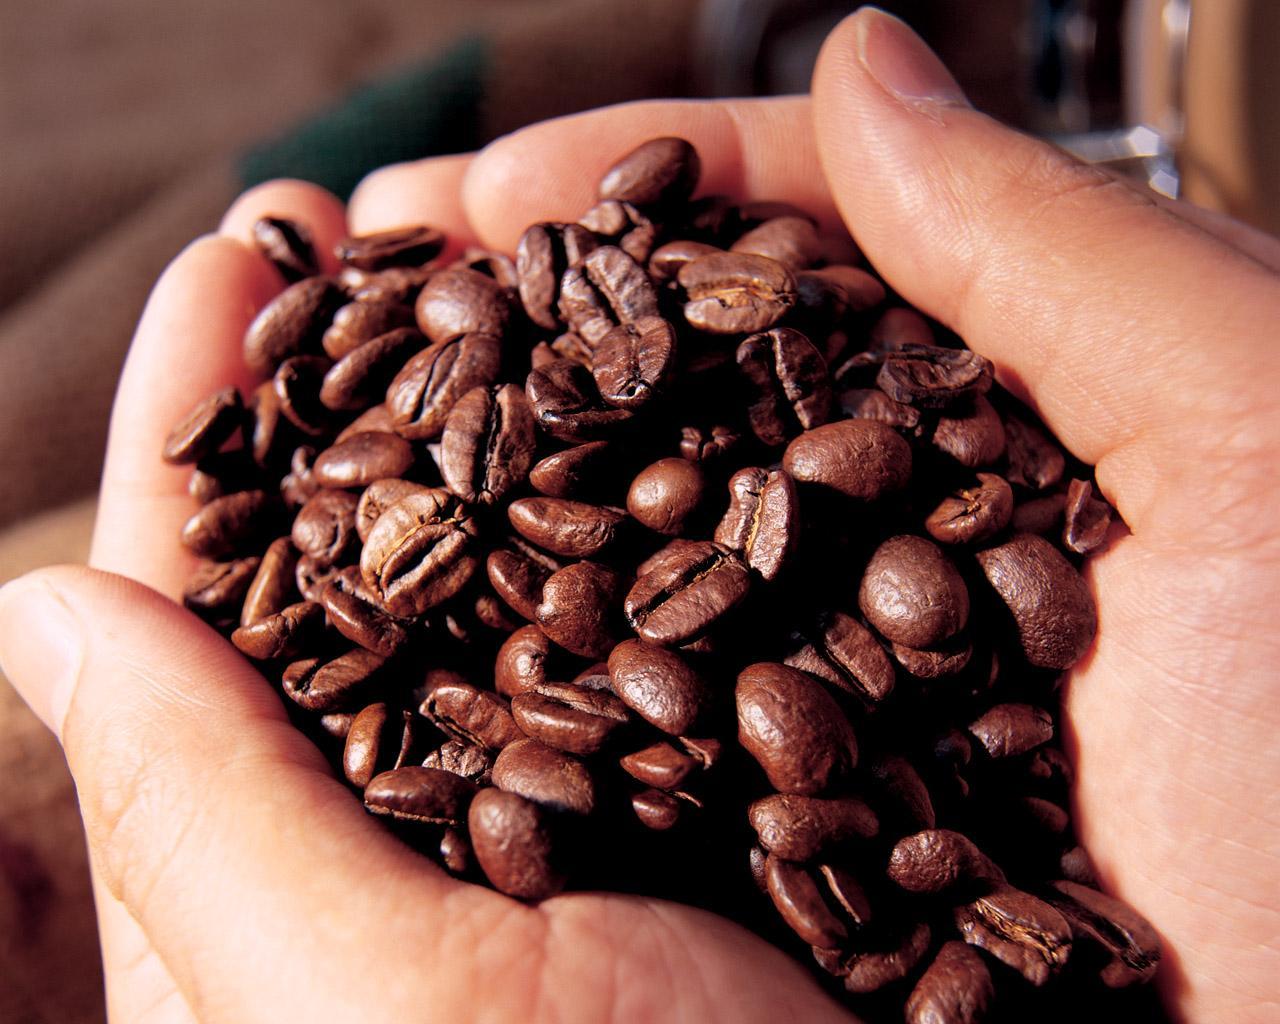 Không phải ai cũng biết lựa chọn cà phê nguyên chất